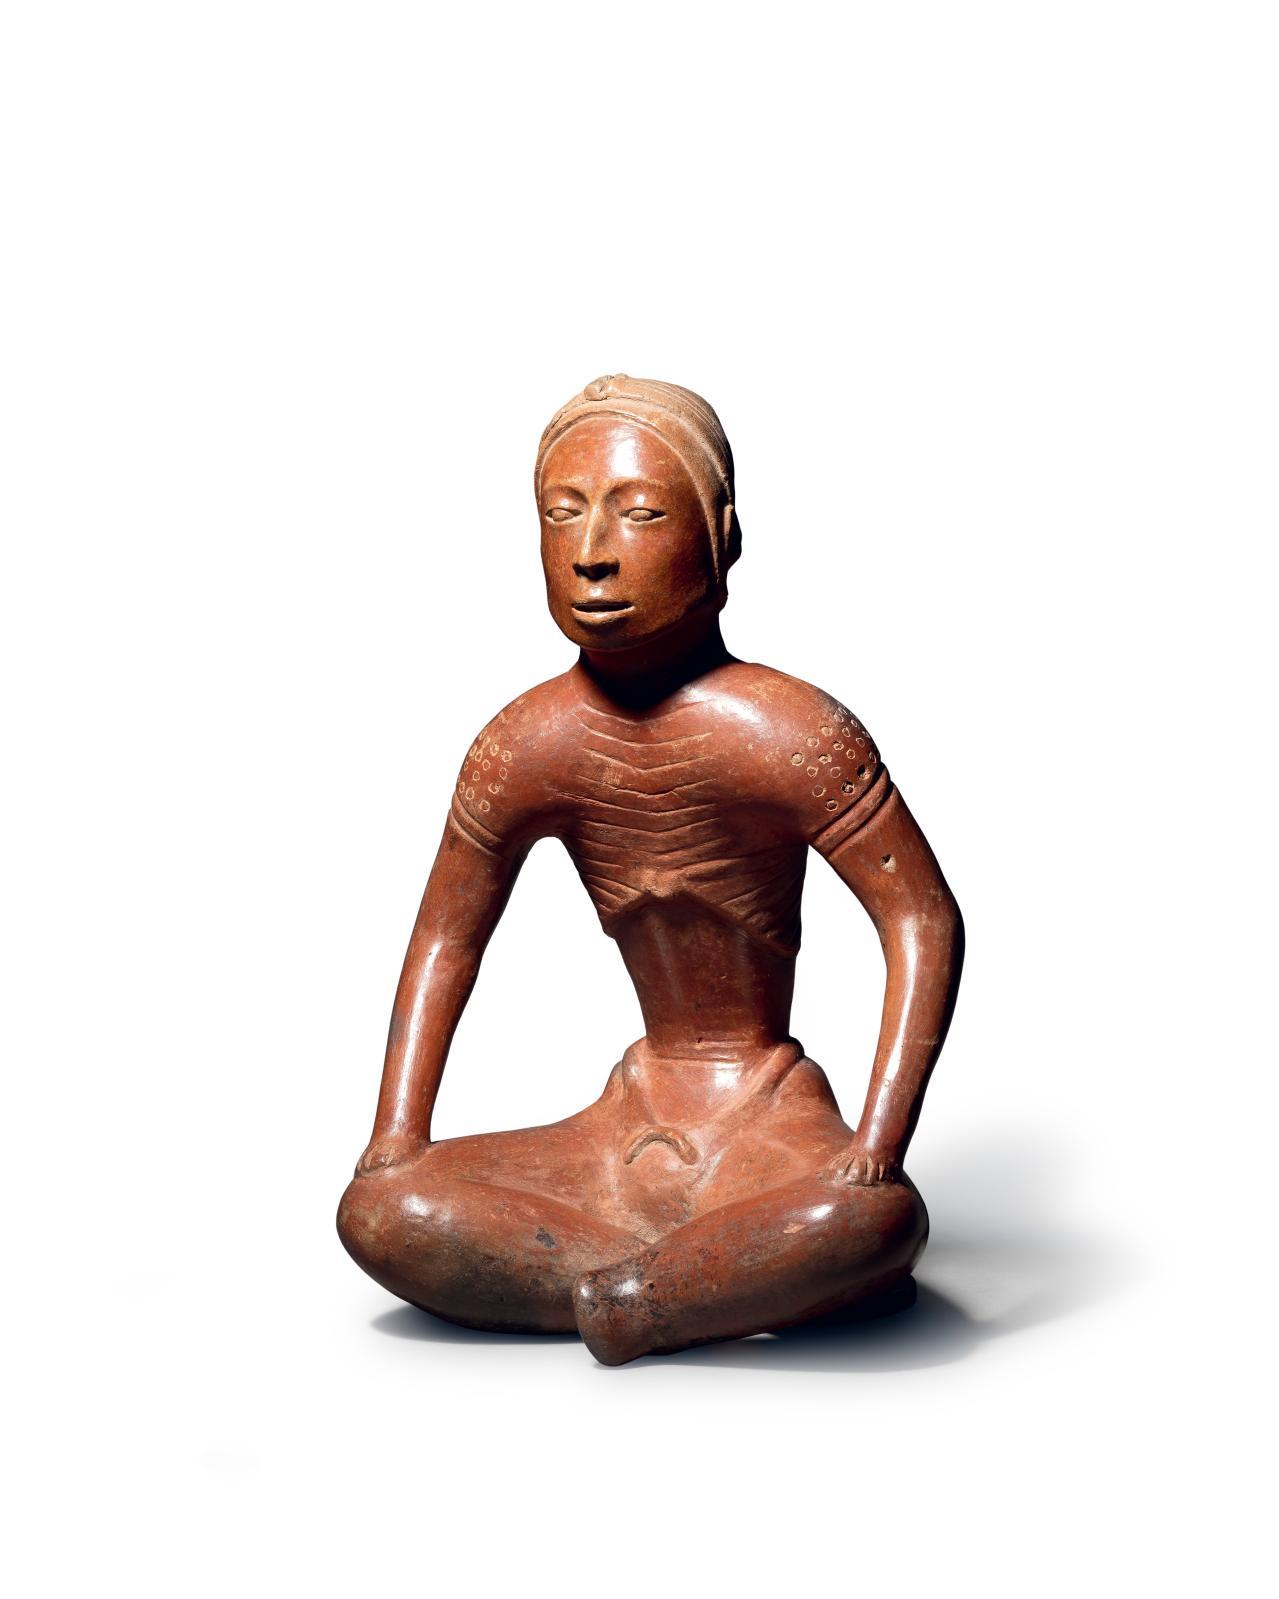 Culture colima, Mexique occidental, protoclassique, 100 av. 250 apr. J.-C. Personnage assis, céramique à engobe brun orangé. h.33, l. 21cm. Estimati